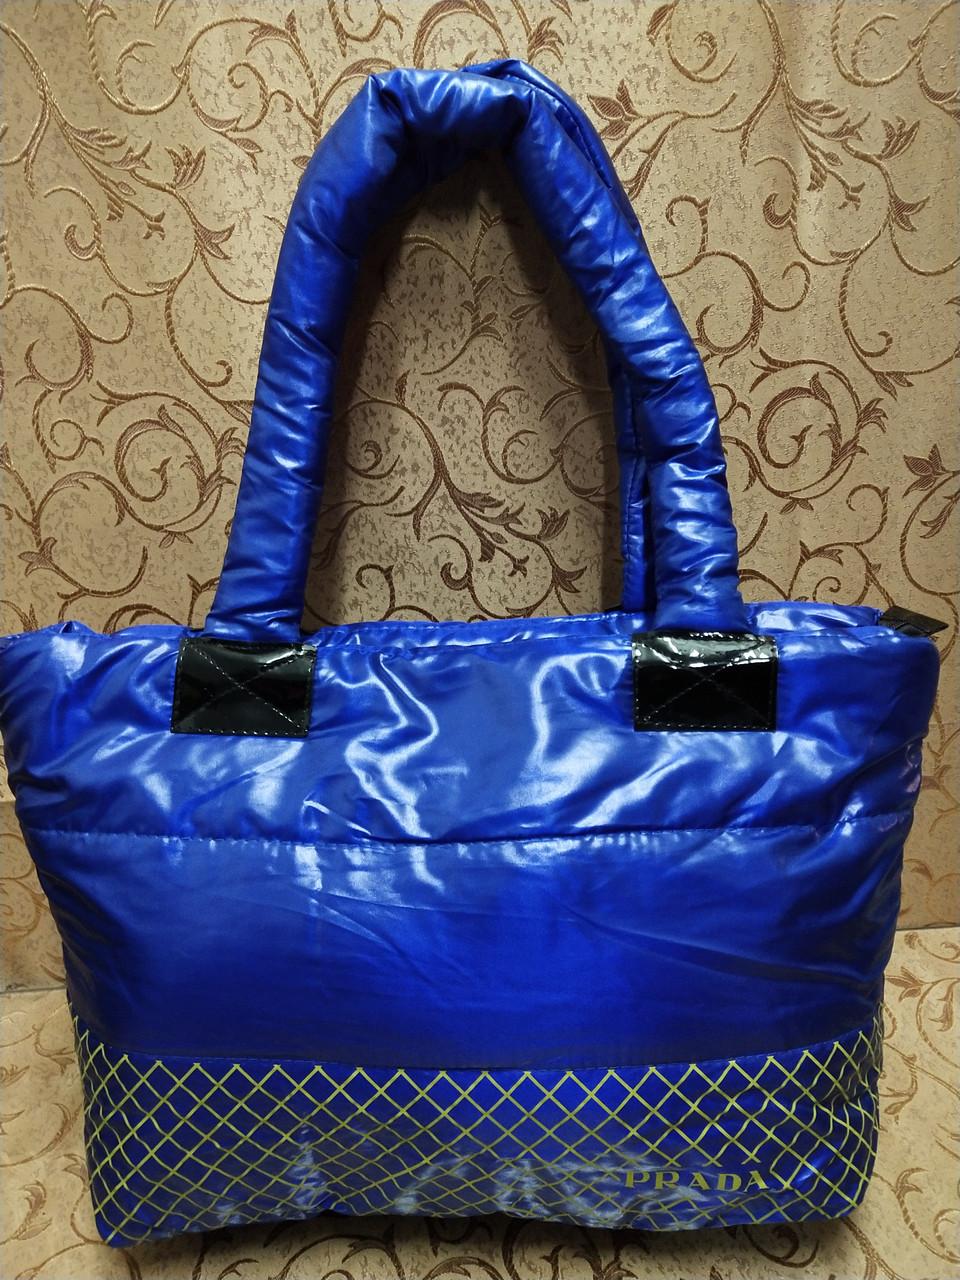 РАСПРОДАЖА Спортивная сумка Хлопок Женские спортивная сумка(только оптом)Сумка стильный дутики